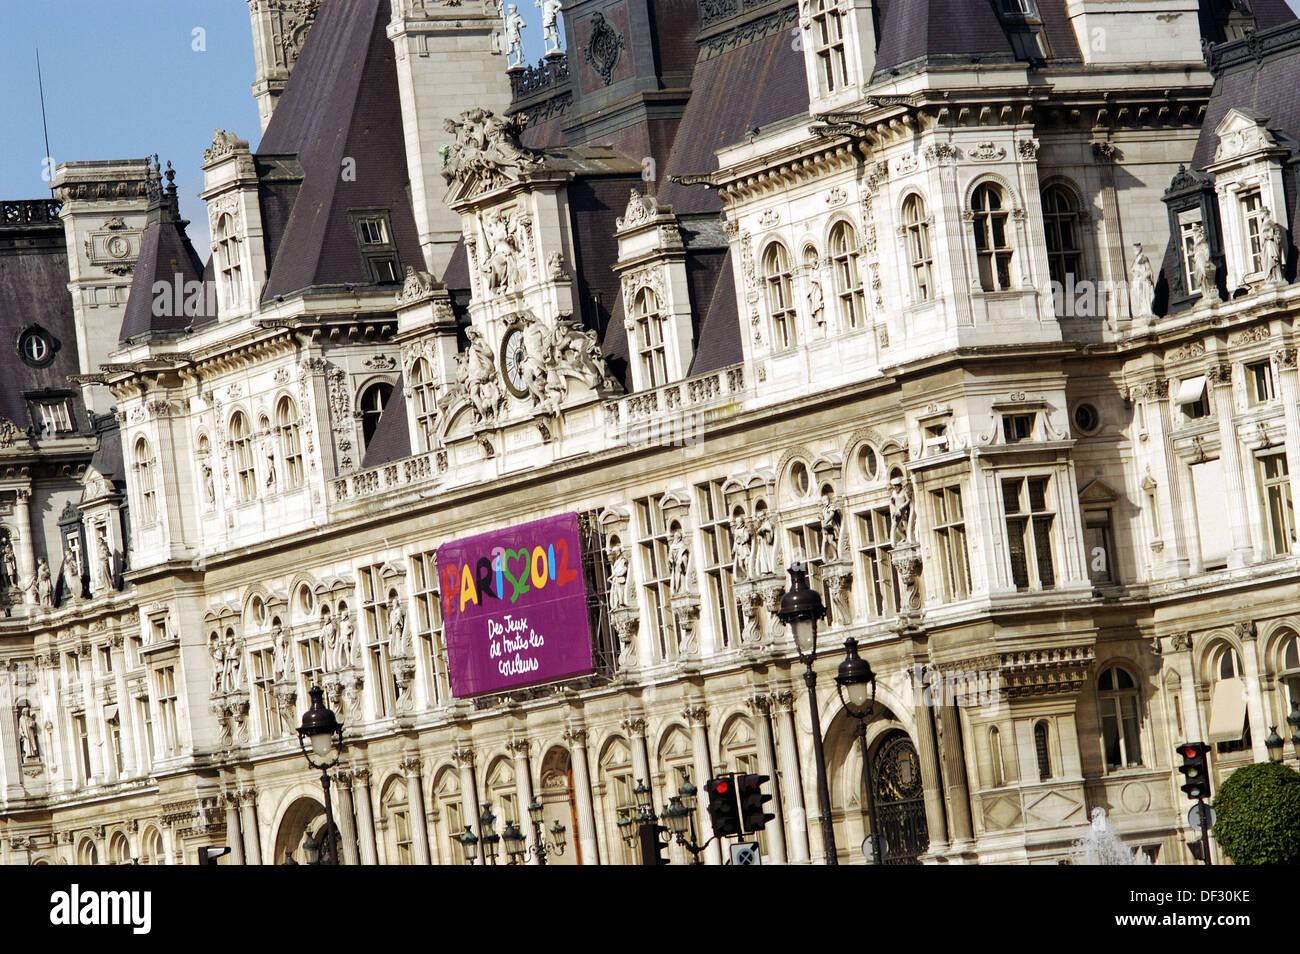 Hôtel de Ville with Paris 2012 Olympic flag. Paris. France - Stock Image